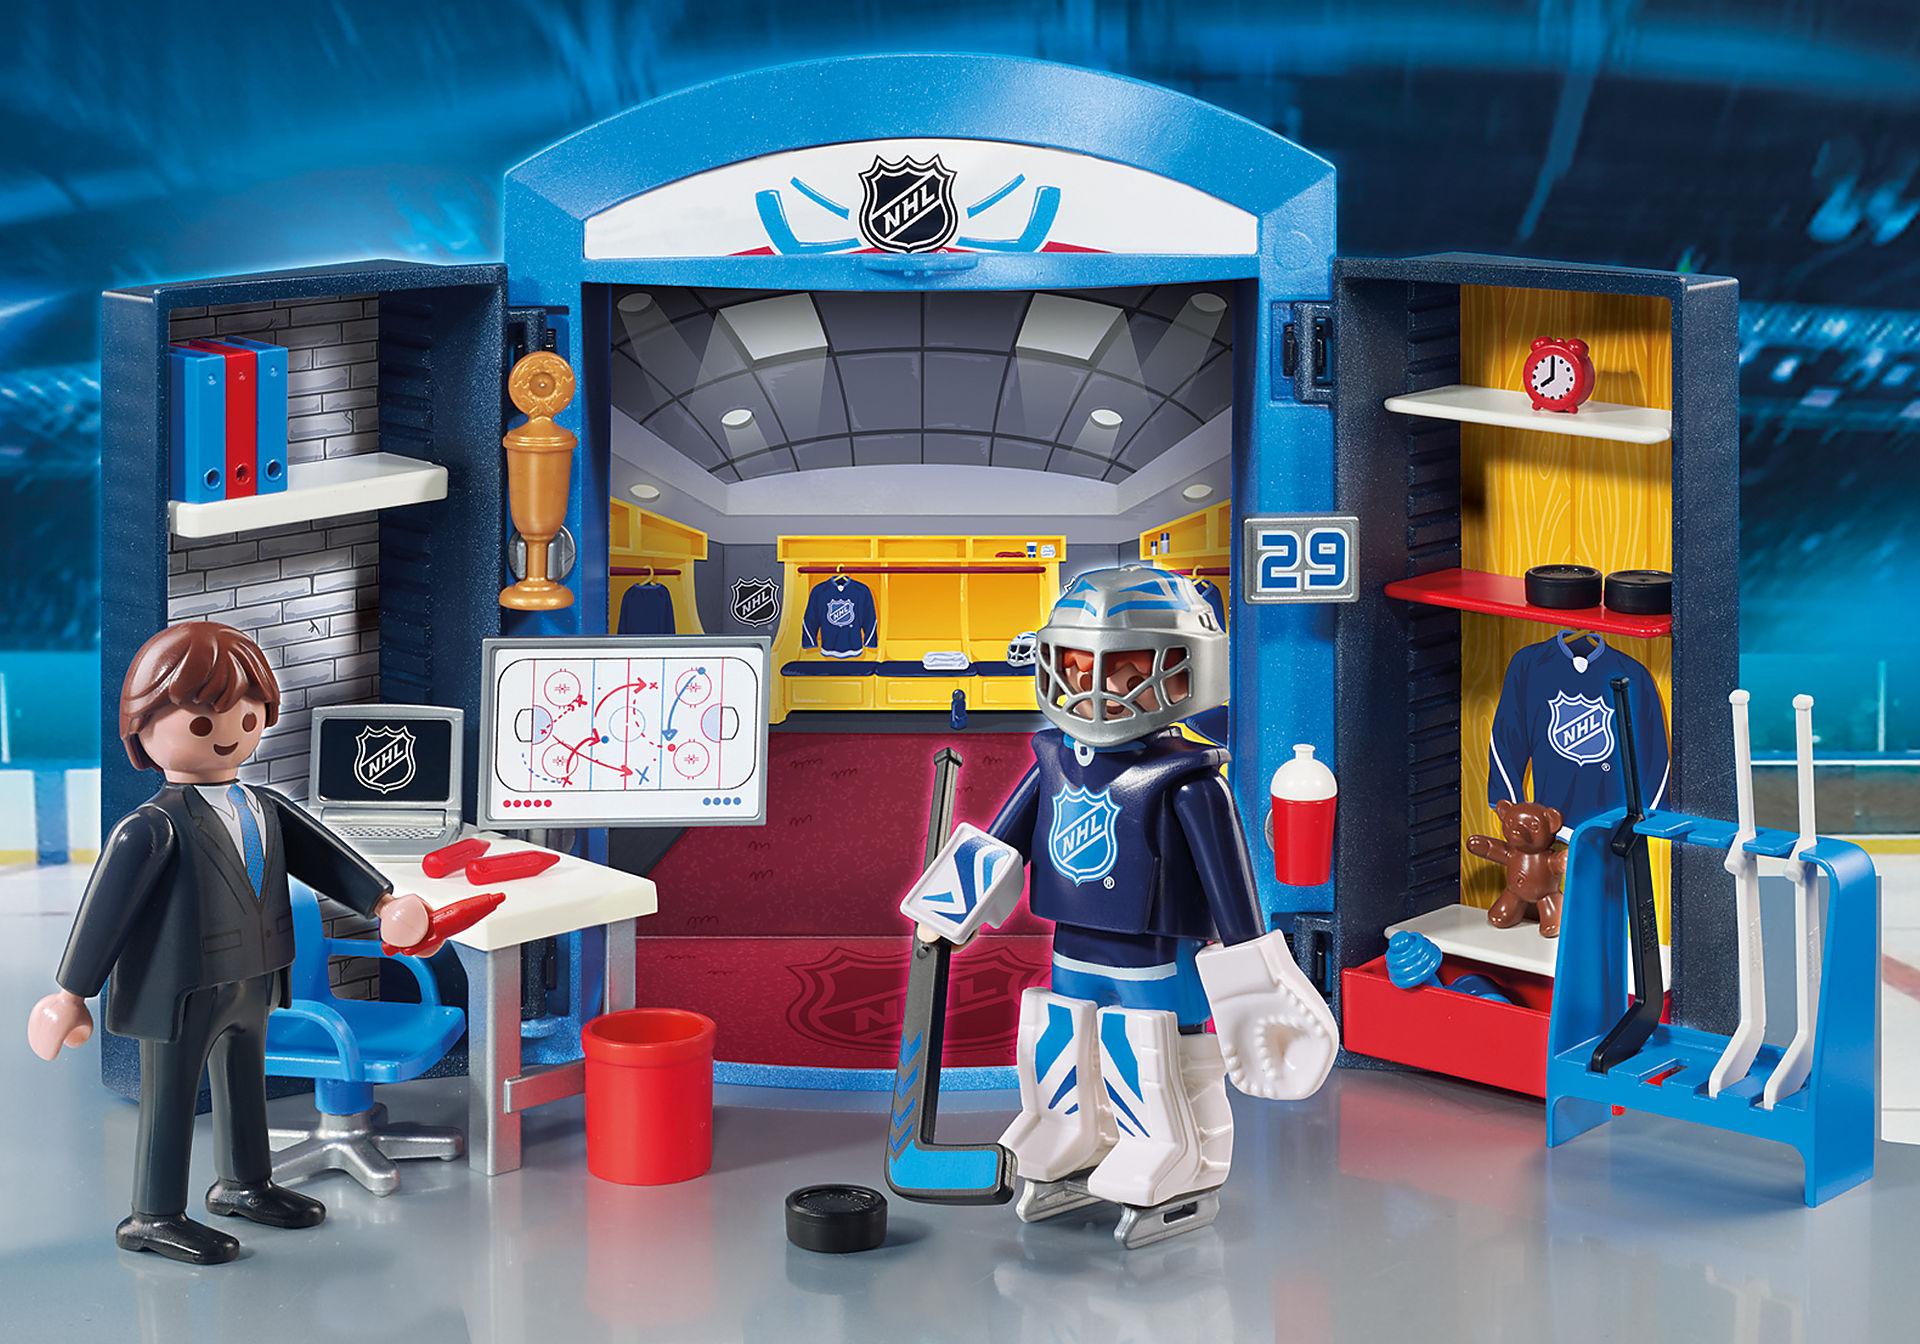 9176 NHL™ Locker Room Play Box zoom image1